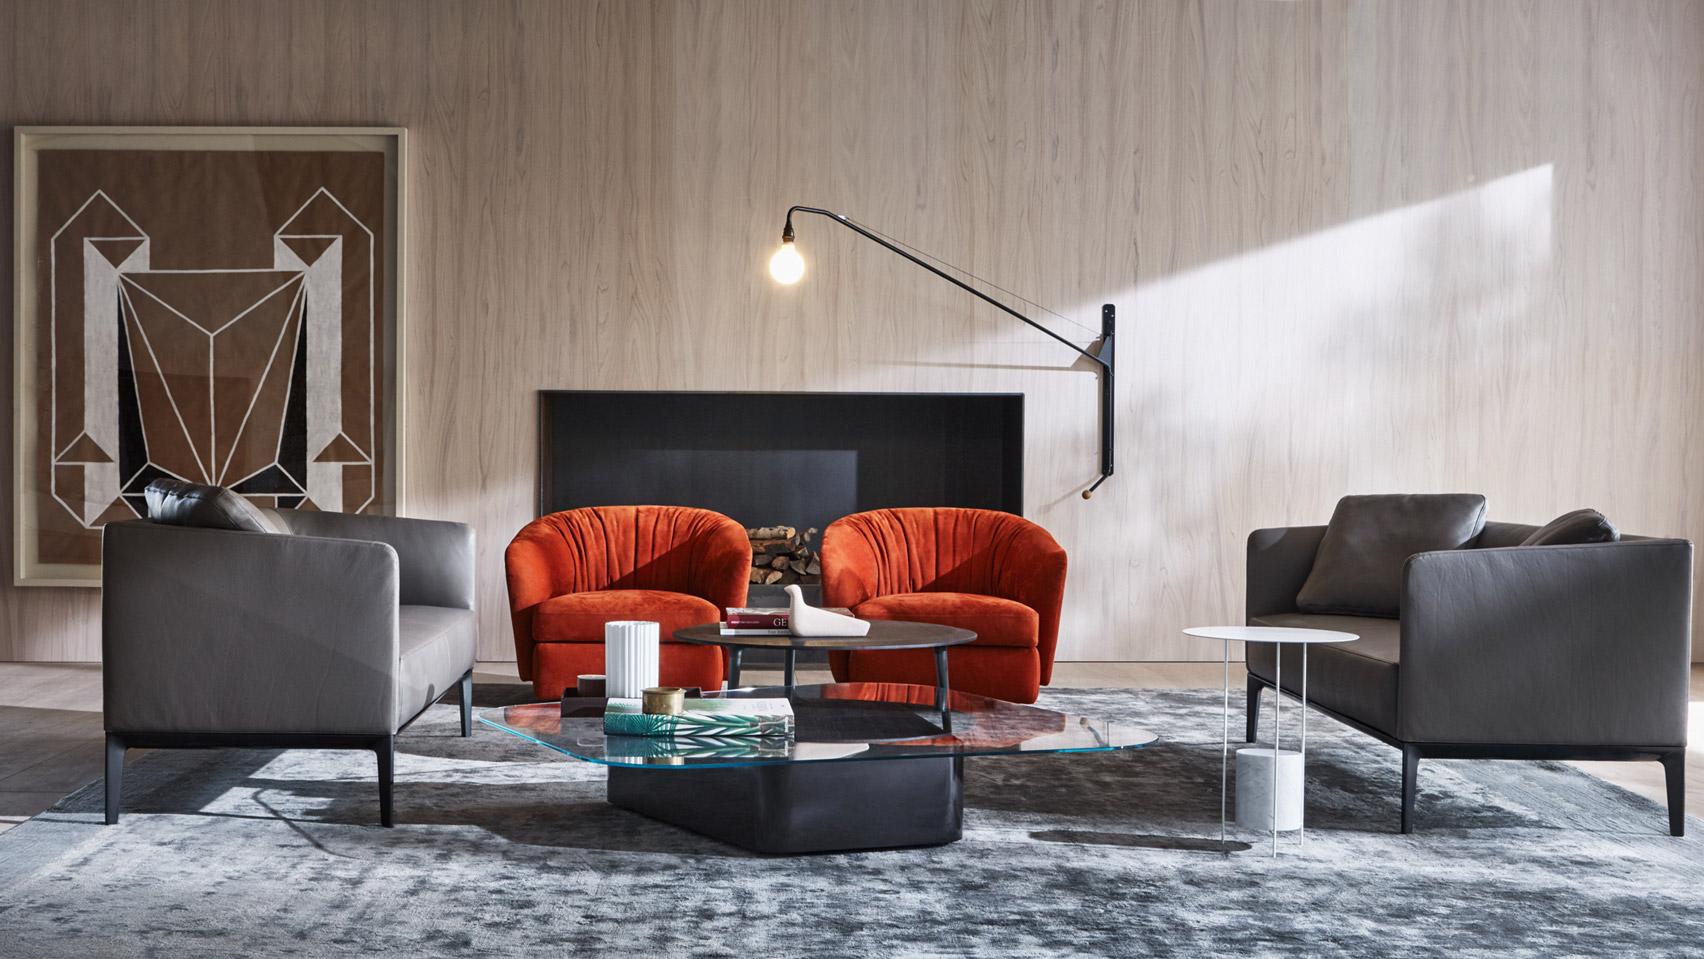 molteni-flagship-showroom-vincent-van-duysen-interior_dezeen_hero-1.jpg